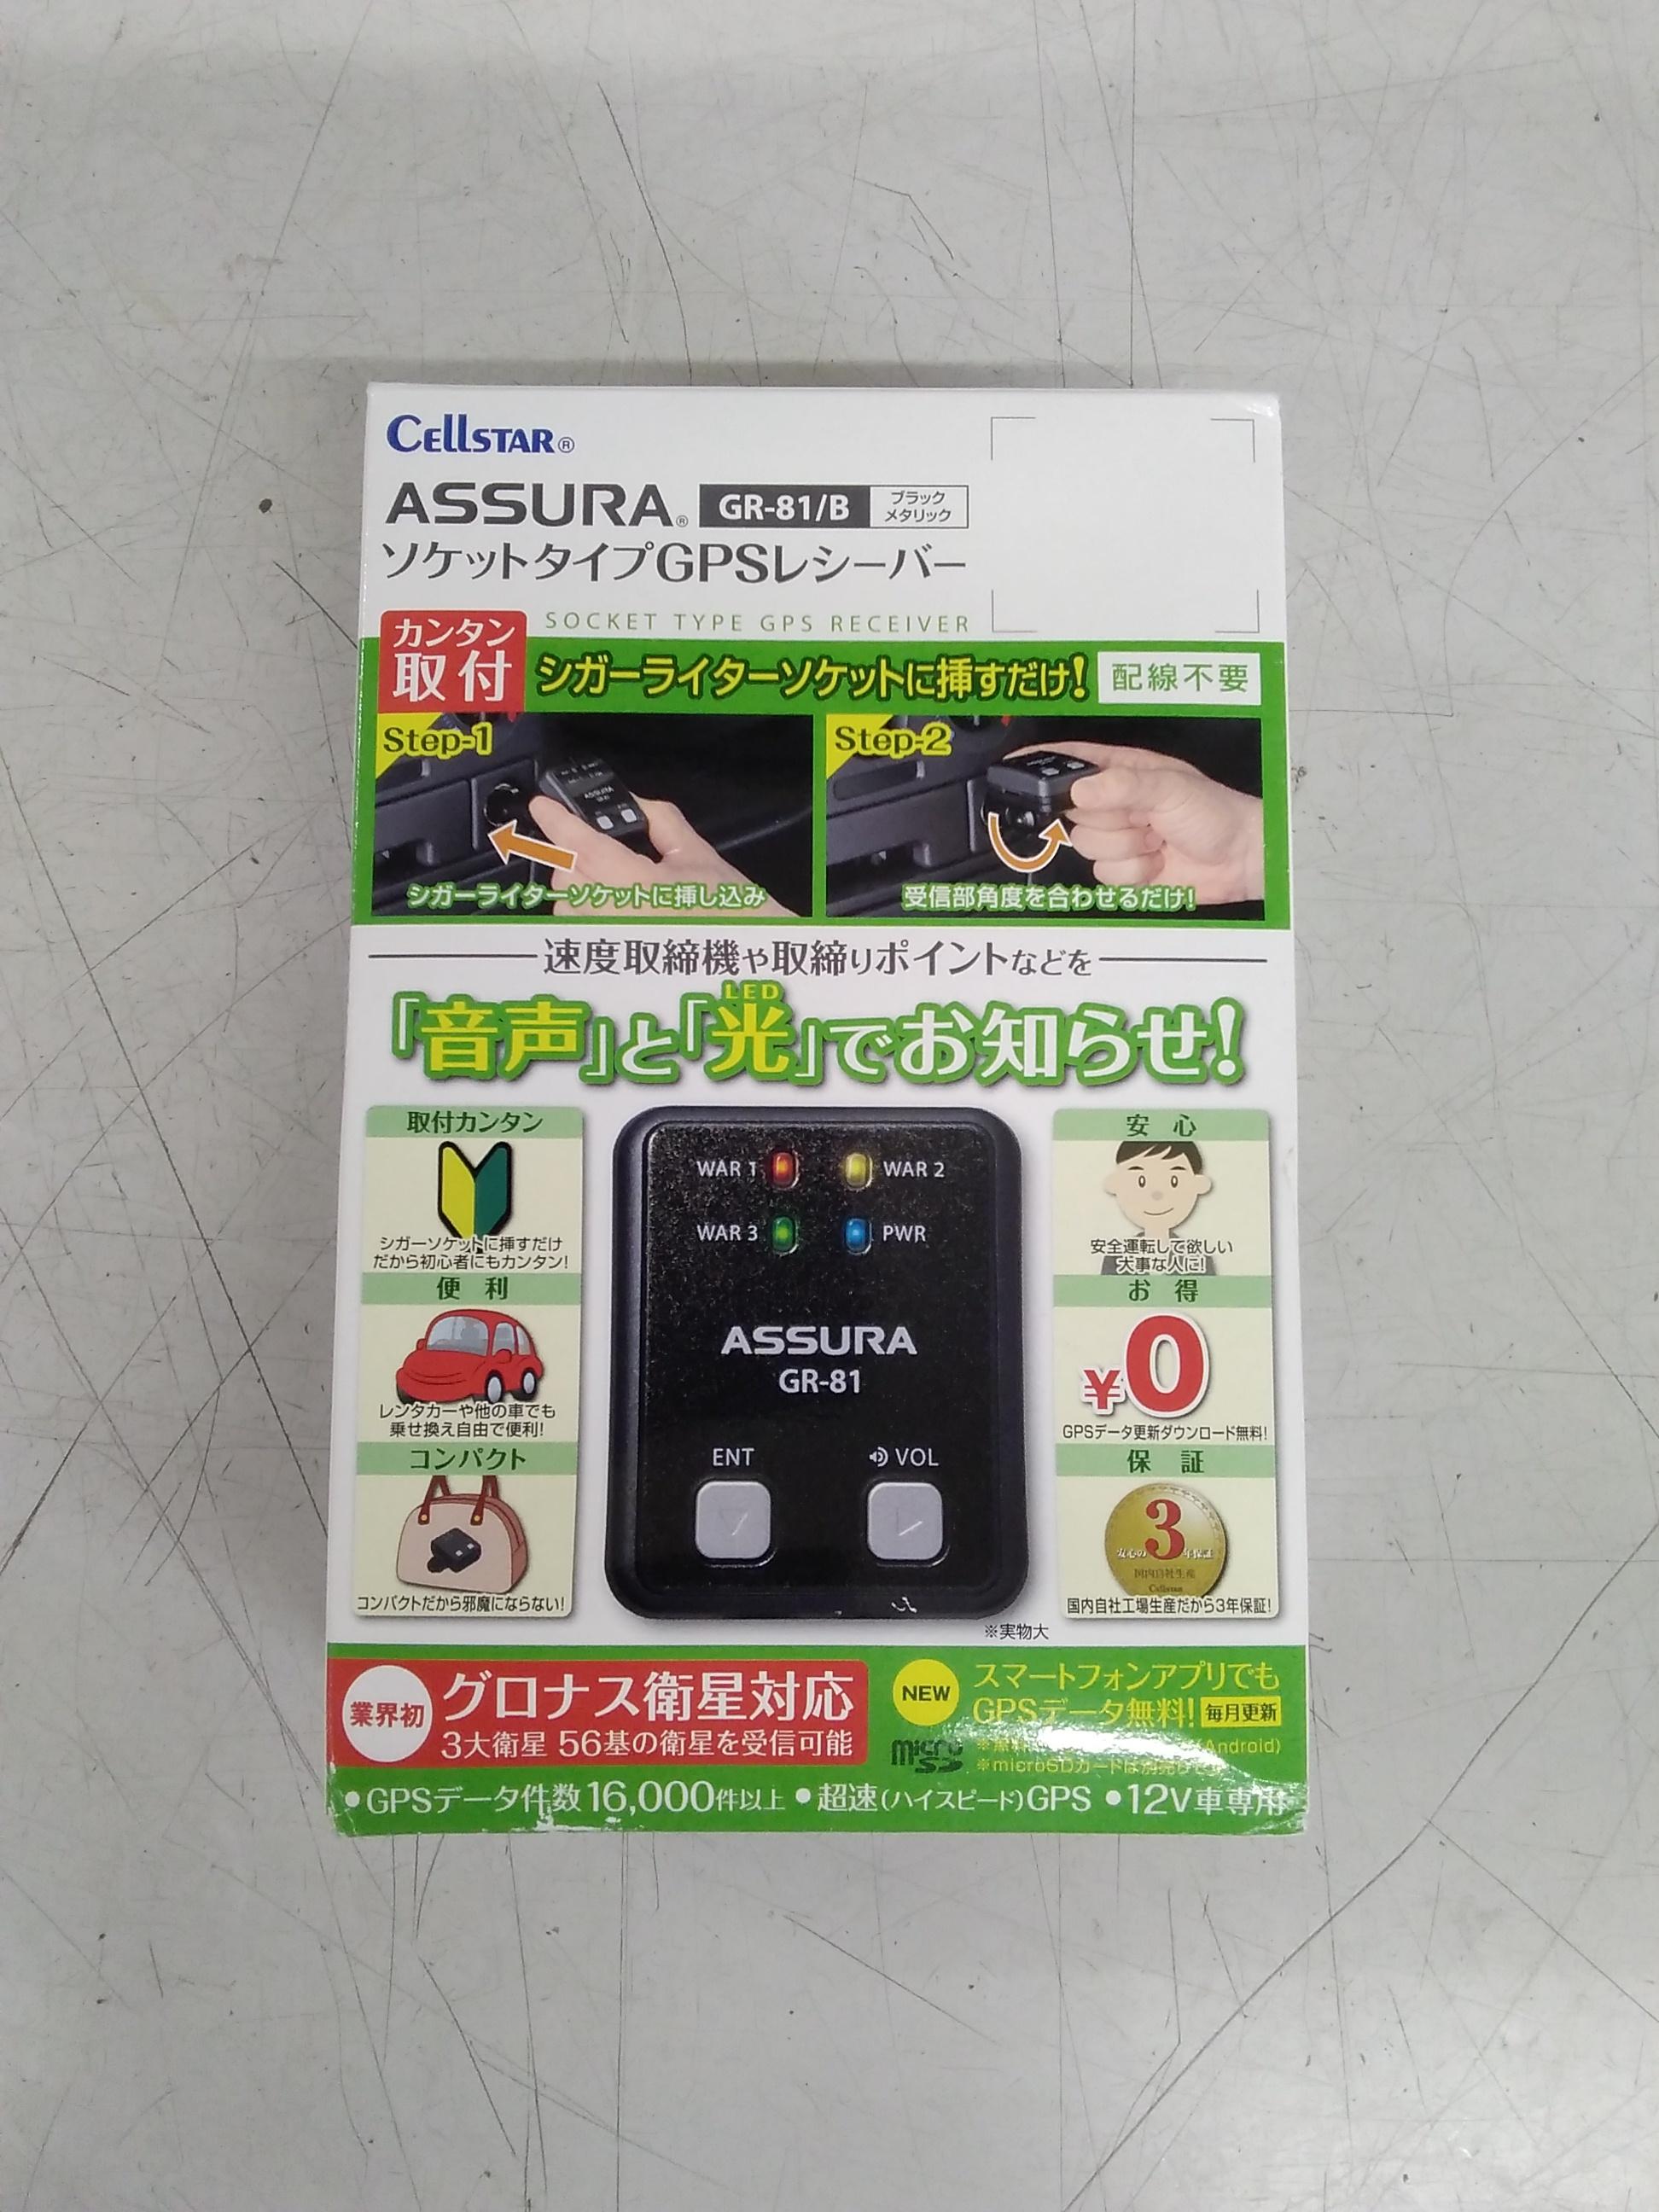 その他カー用品|CELLSTAR